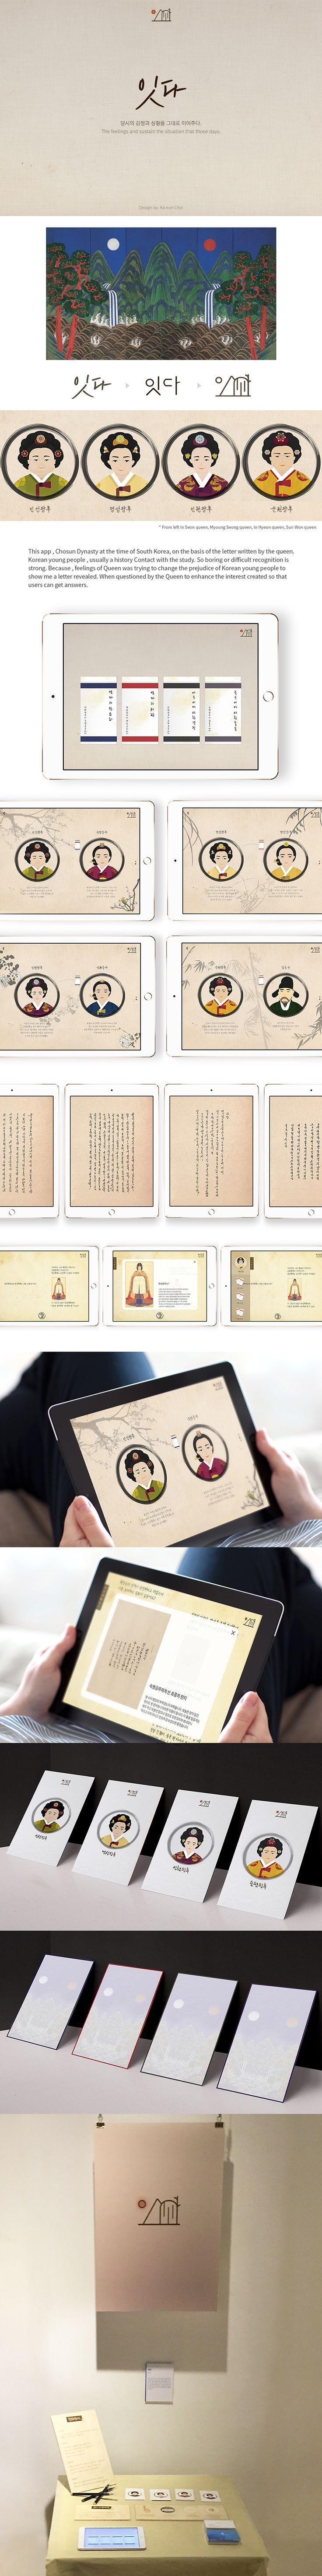 최고은│ 잇다│ Major in Digital Media Design │#hicoda │hicoda.hongik.ac.kr